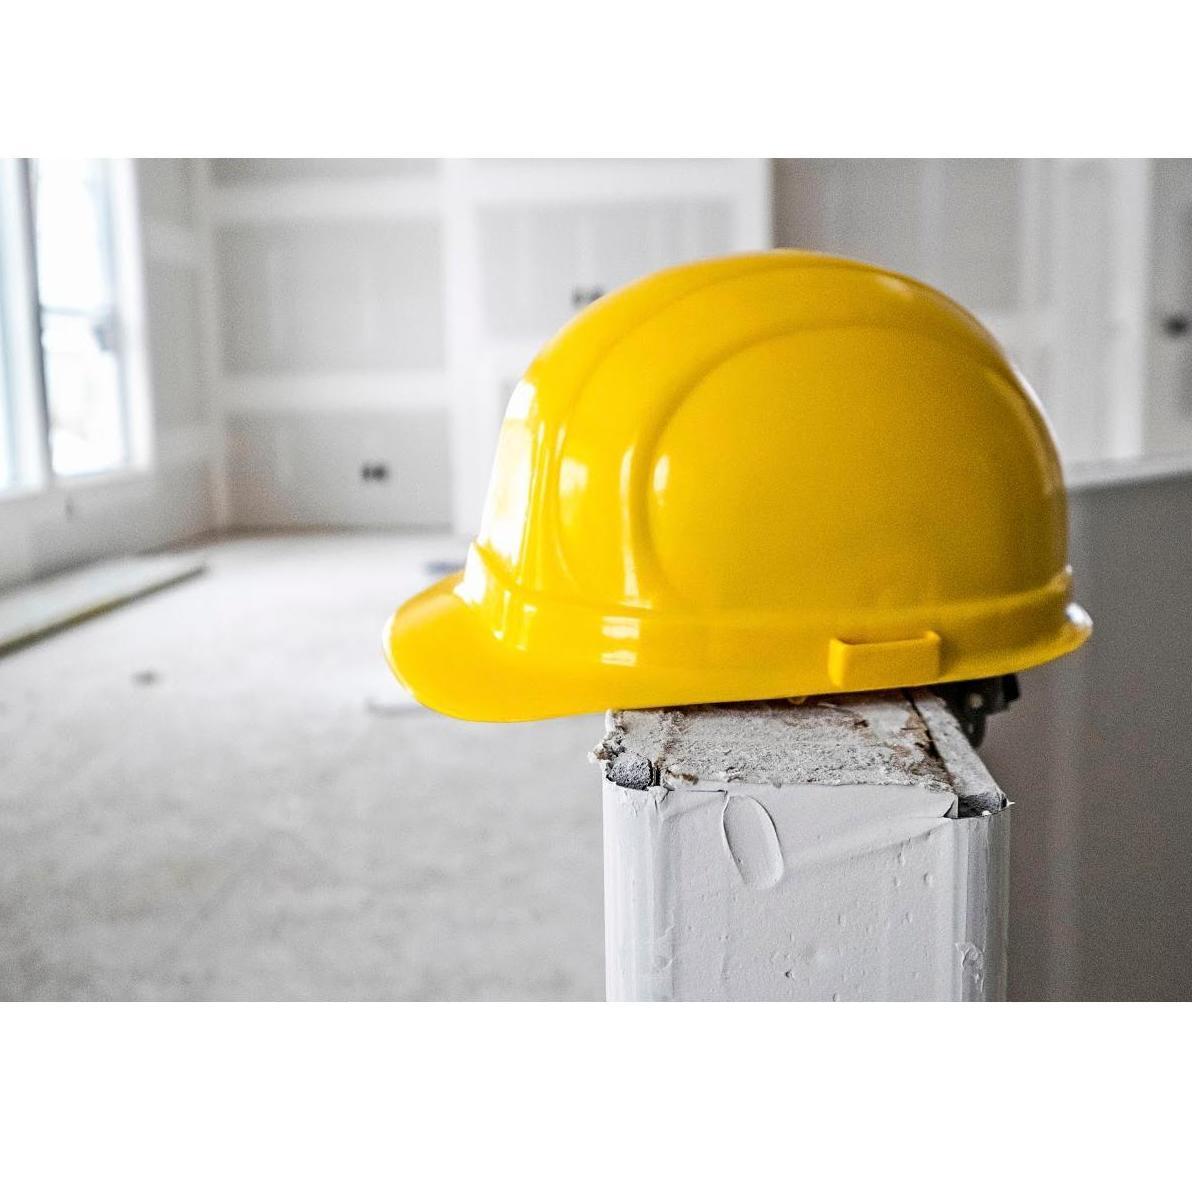 Construcción: Reformas integrales de Servicios Tigap